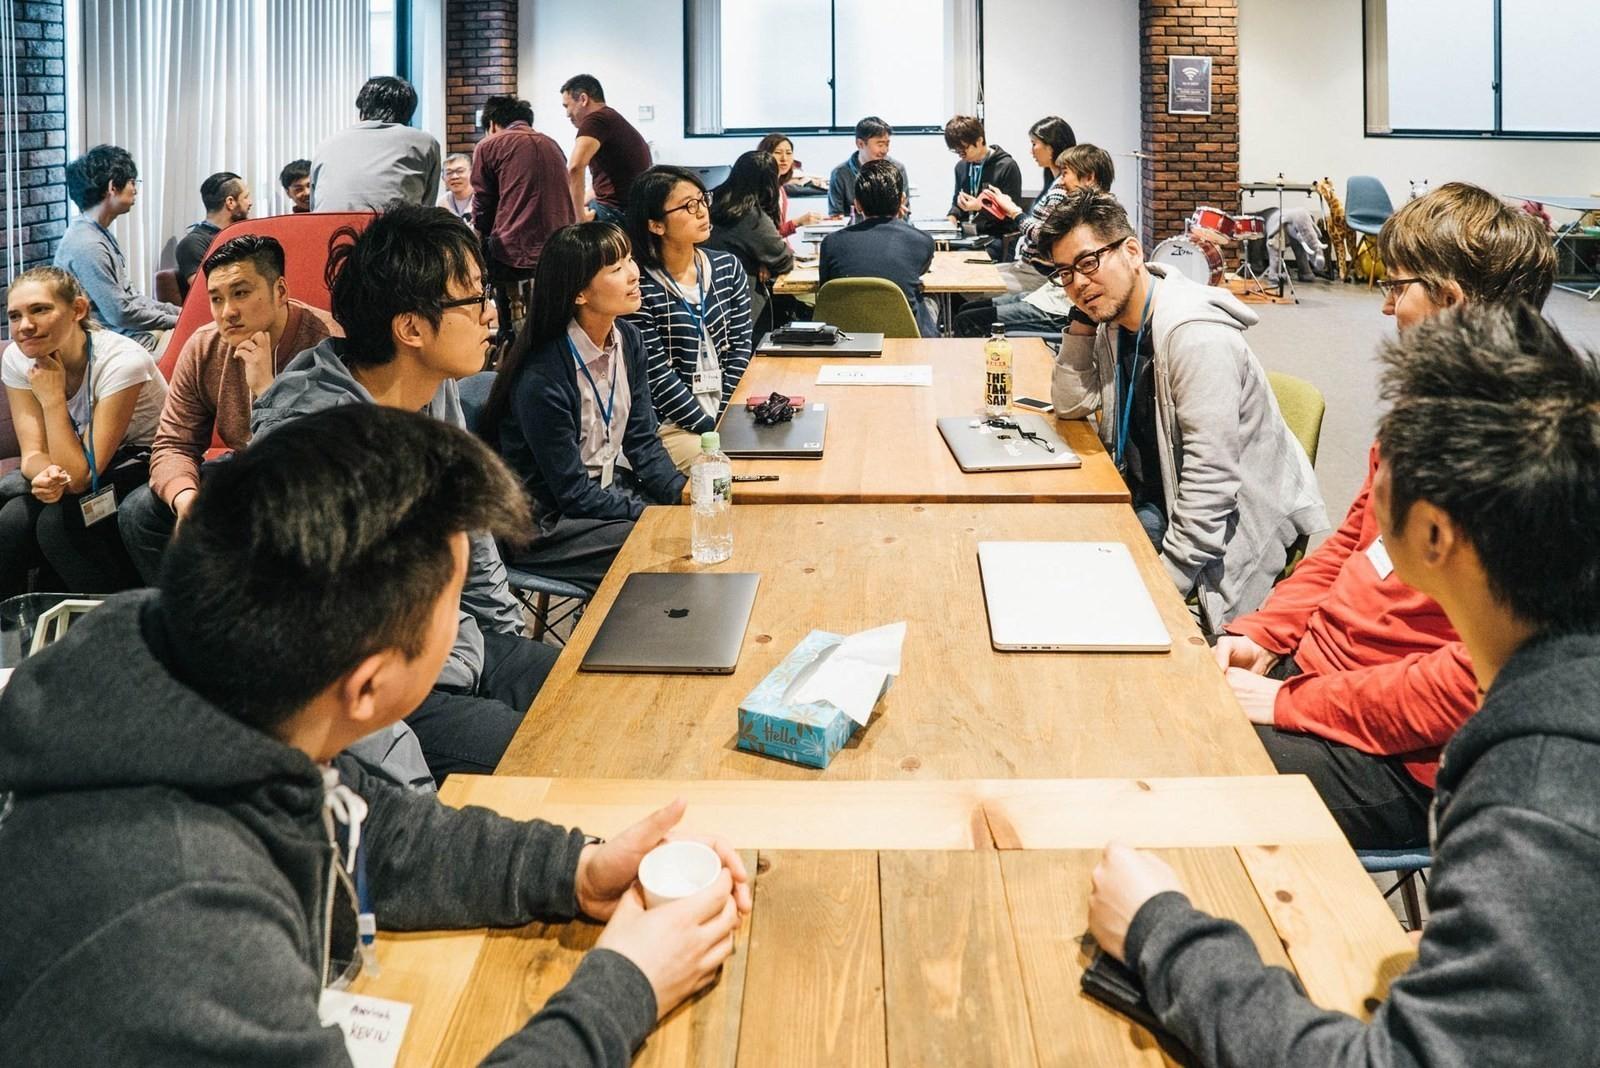 サービスの改善が世の中の進捗の改善につながる!福岡からBacklogをより日本・世界に広めるためにインフラ面を強化するSREチームのエンジニアを募集!